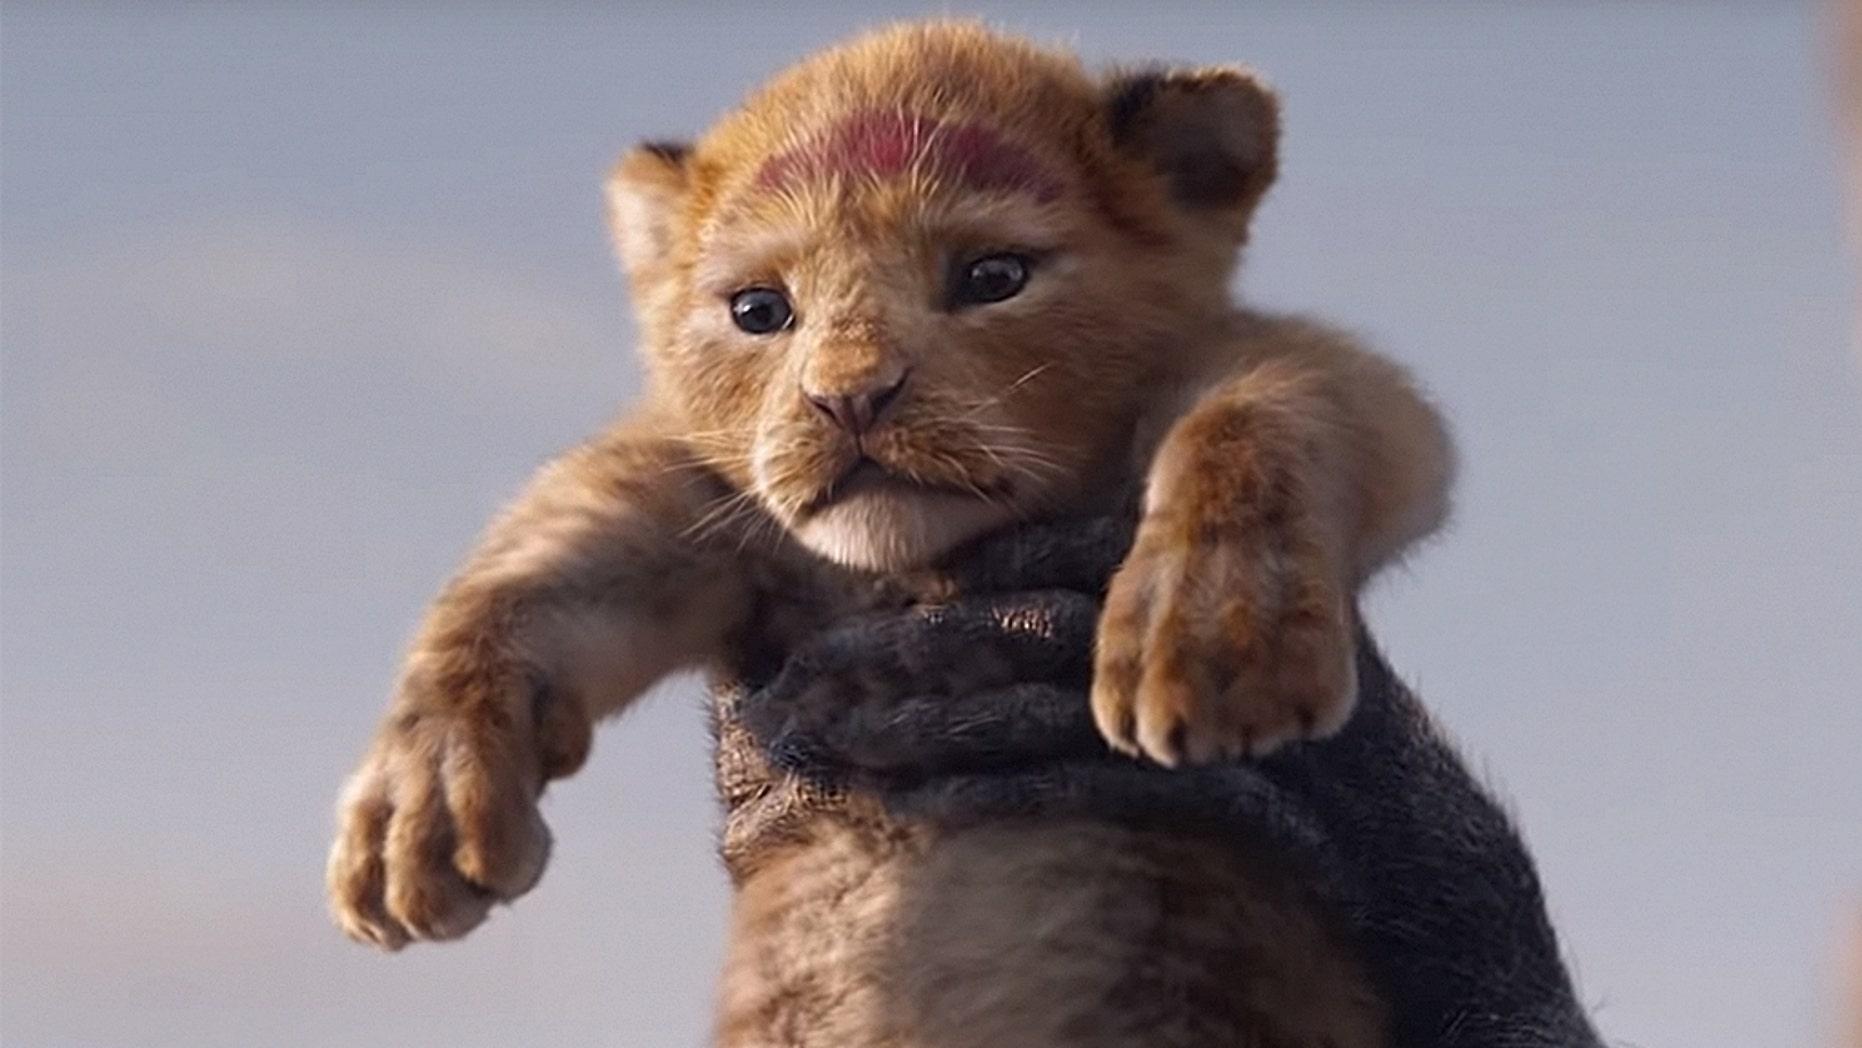 Image result for LIve action lion king